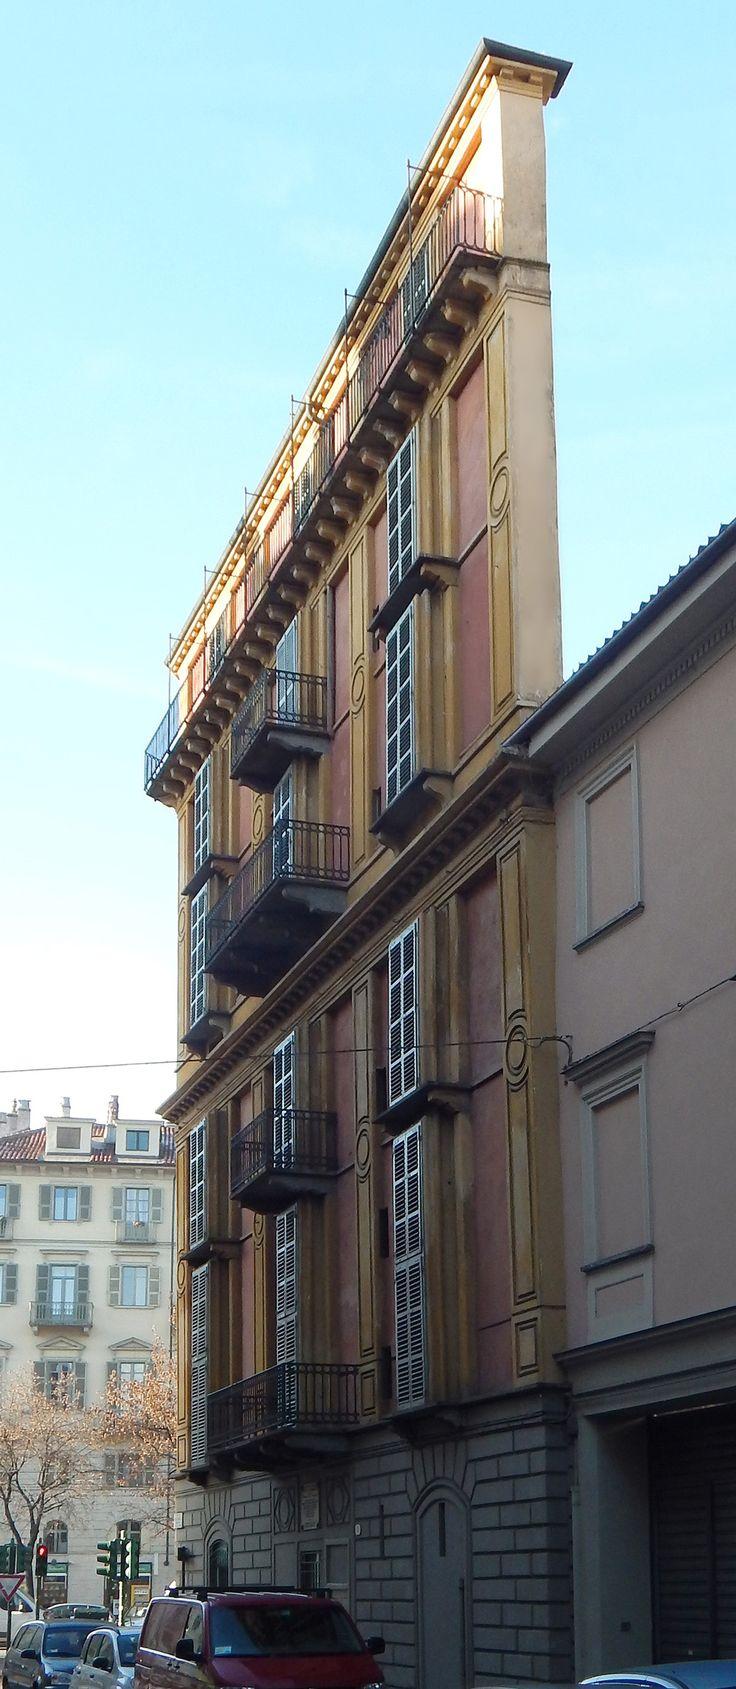 IT, Torino, Casa Scaccabarozzi. Architect Alessandro Antonelli, 1881.